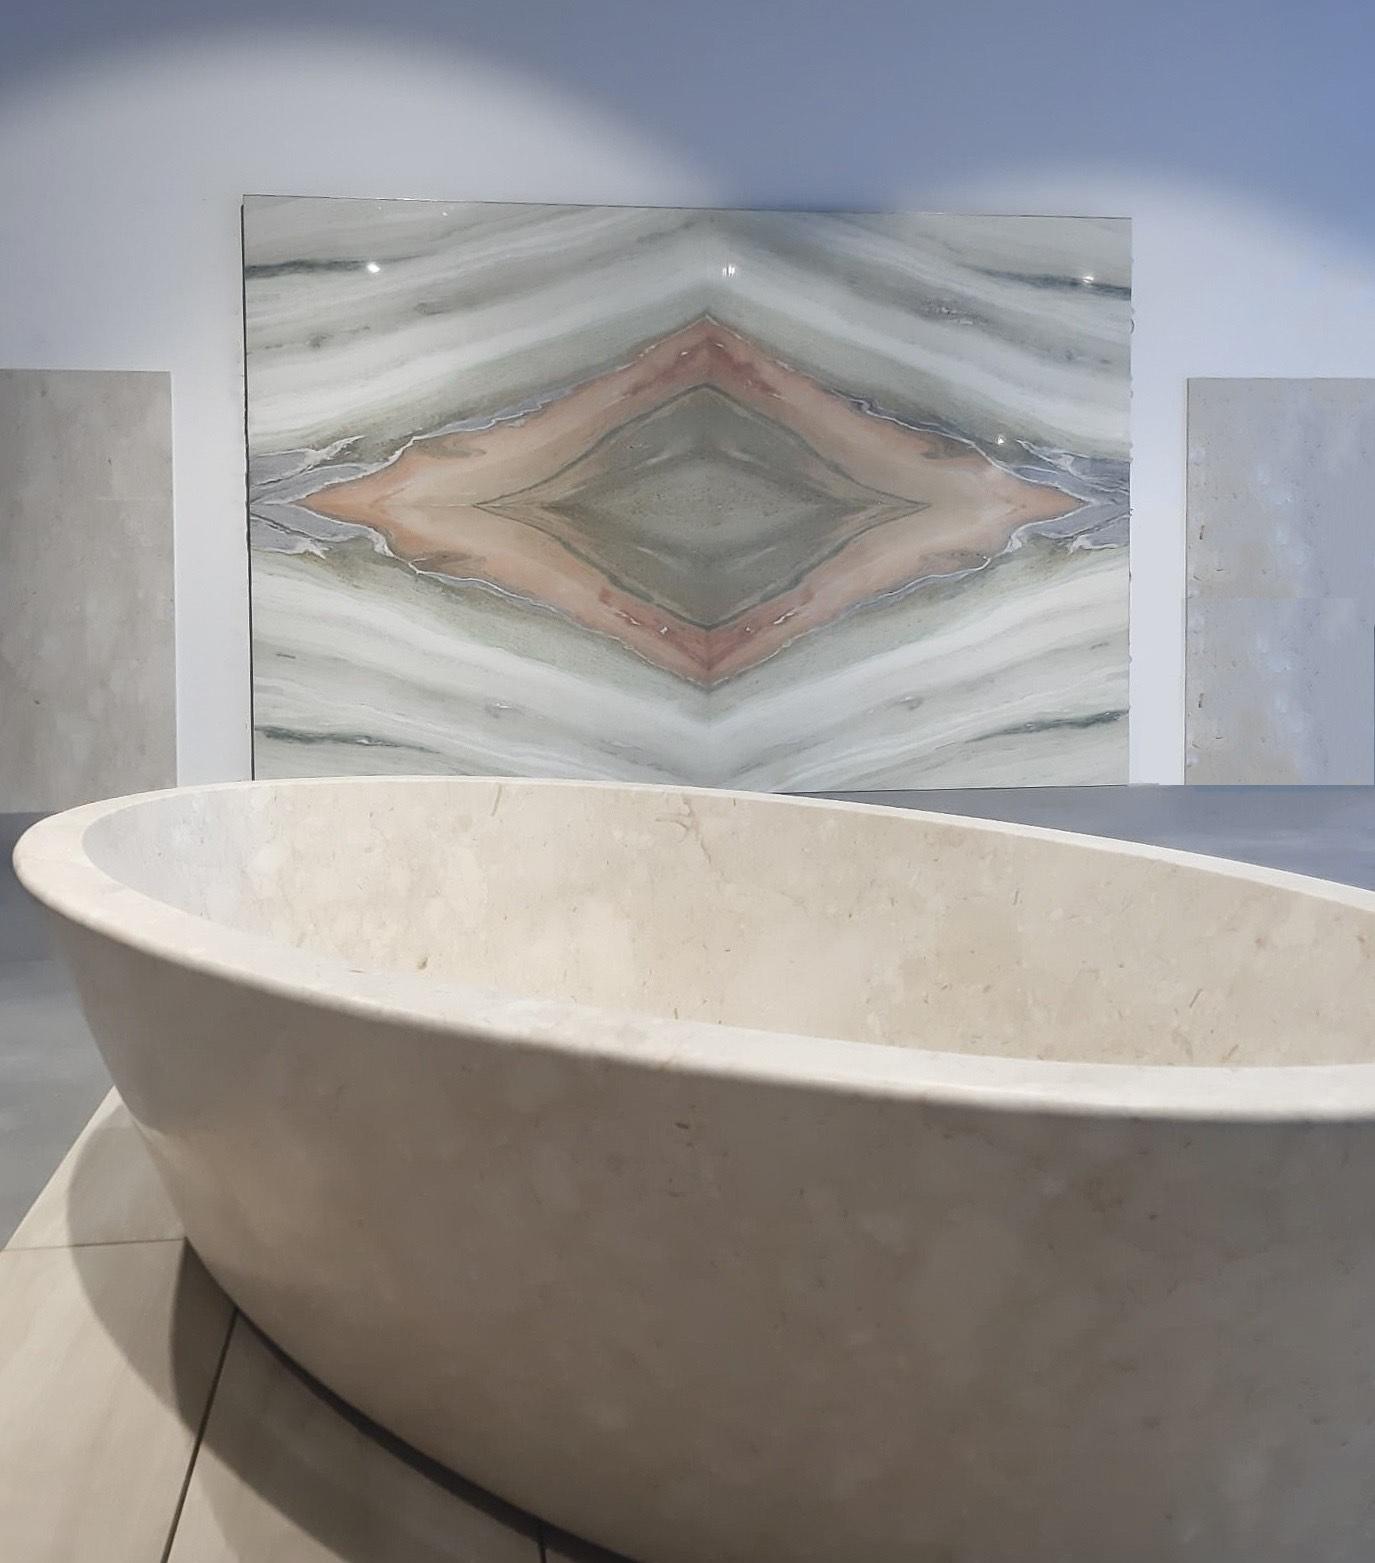 2 vasca + macchia (3)